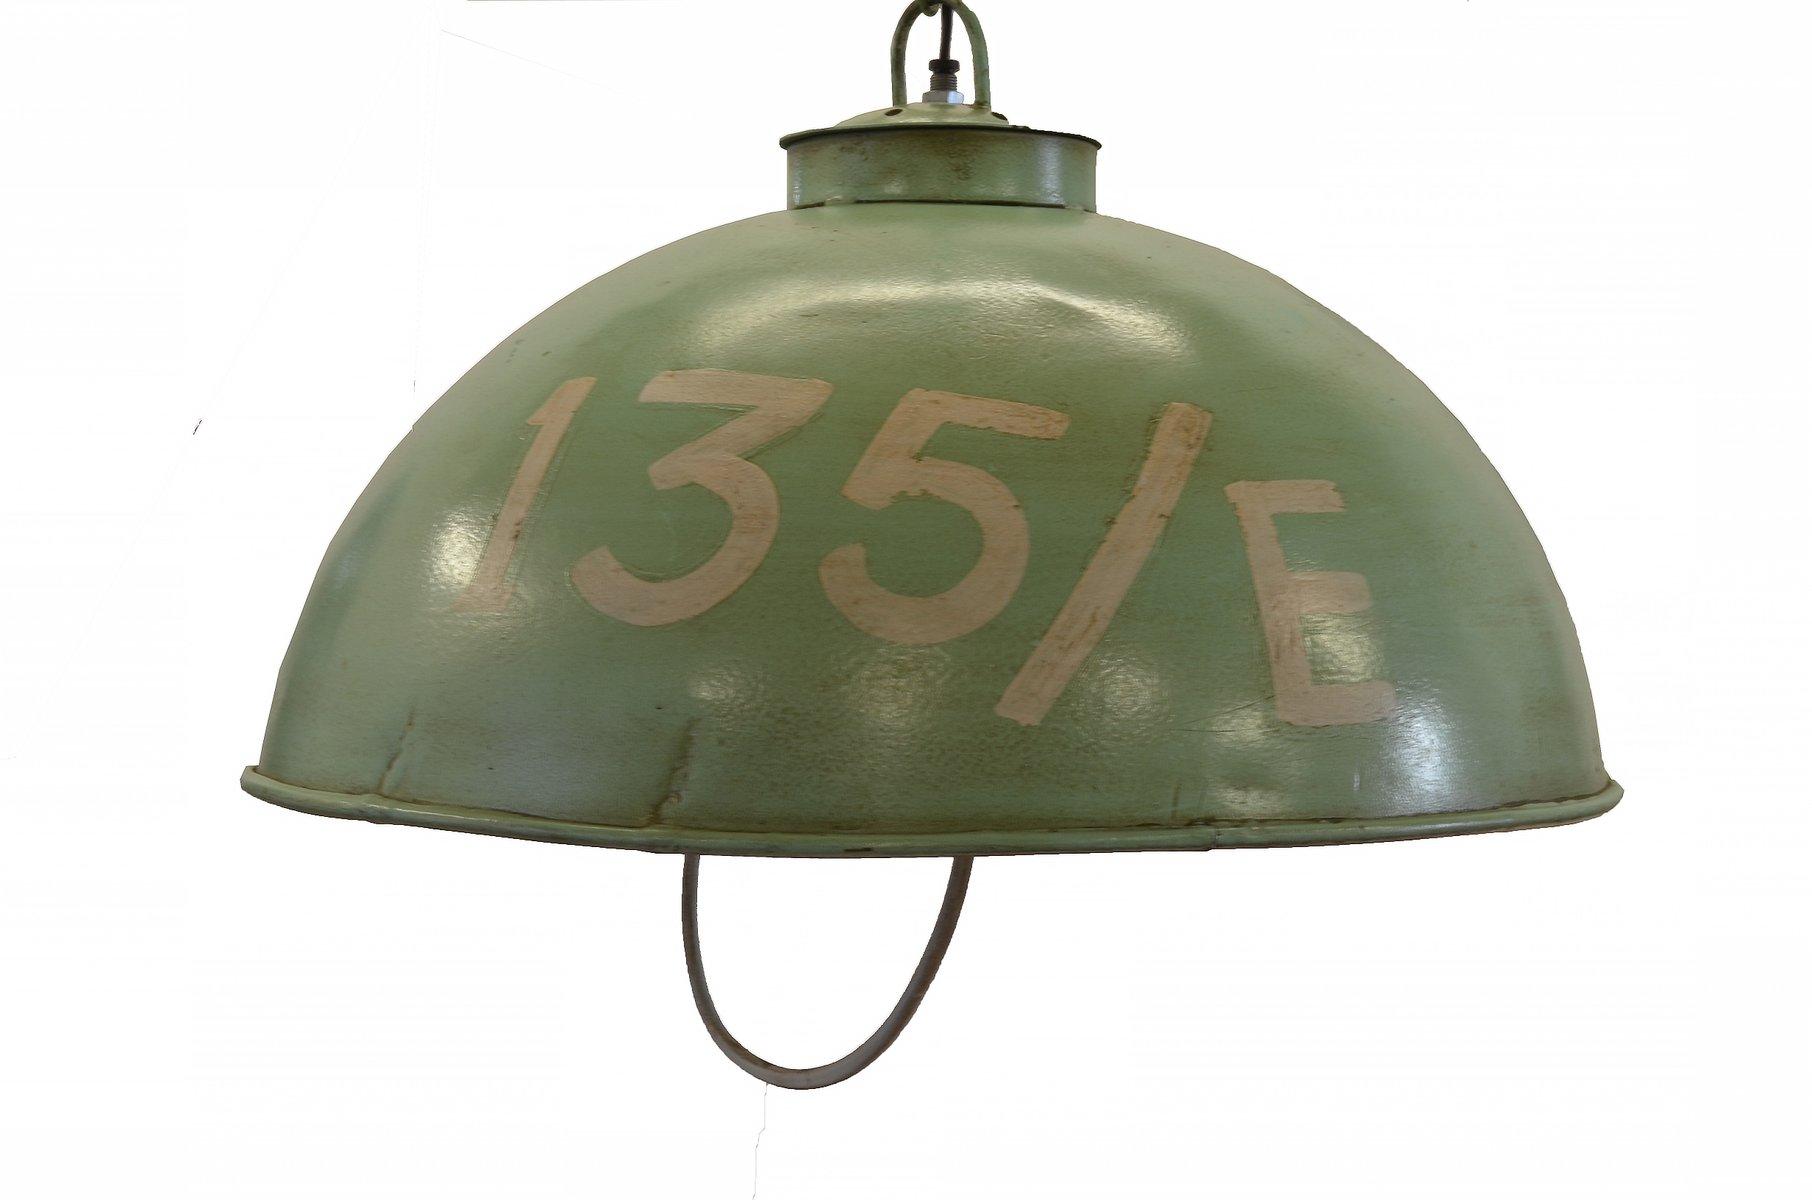 industrielle vintage lampe aus den baracken der us army. Black Bedroom Furniture Sets. Home Design Ideas